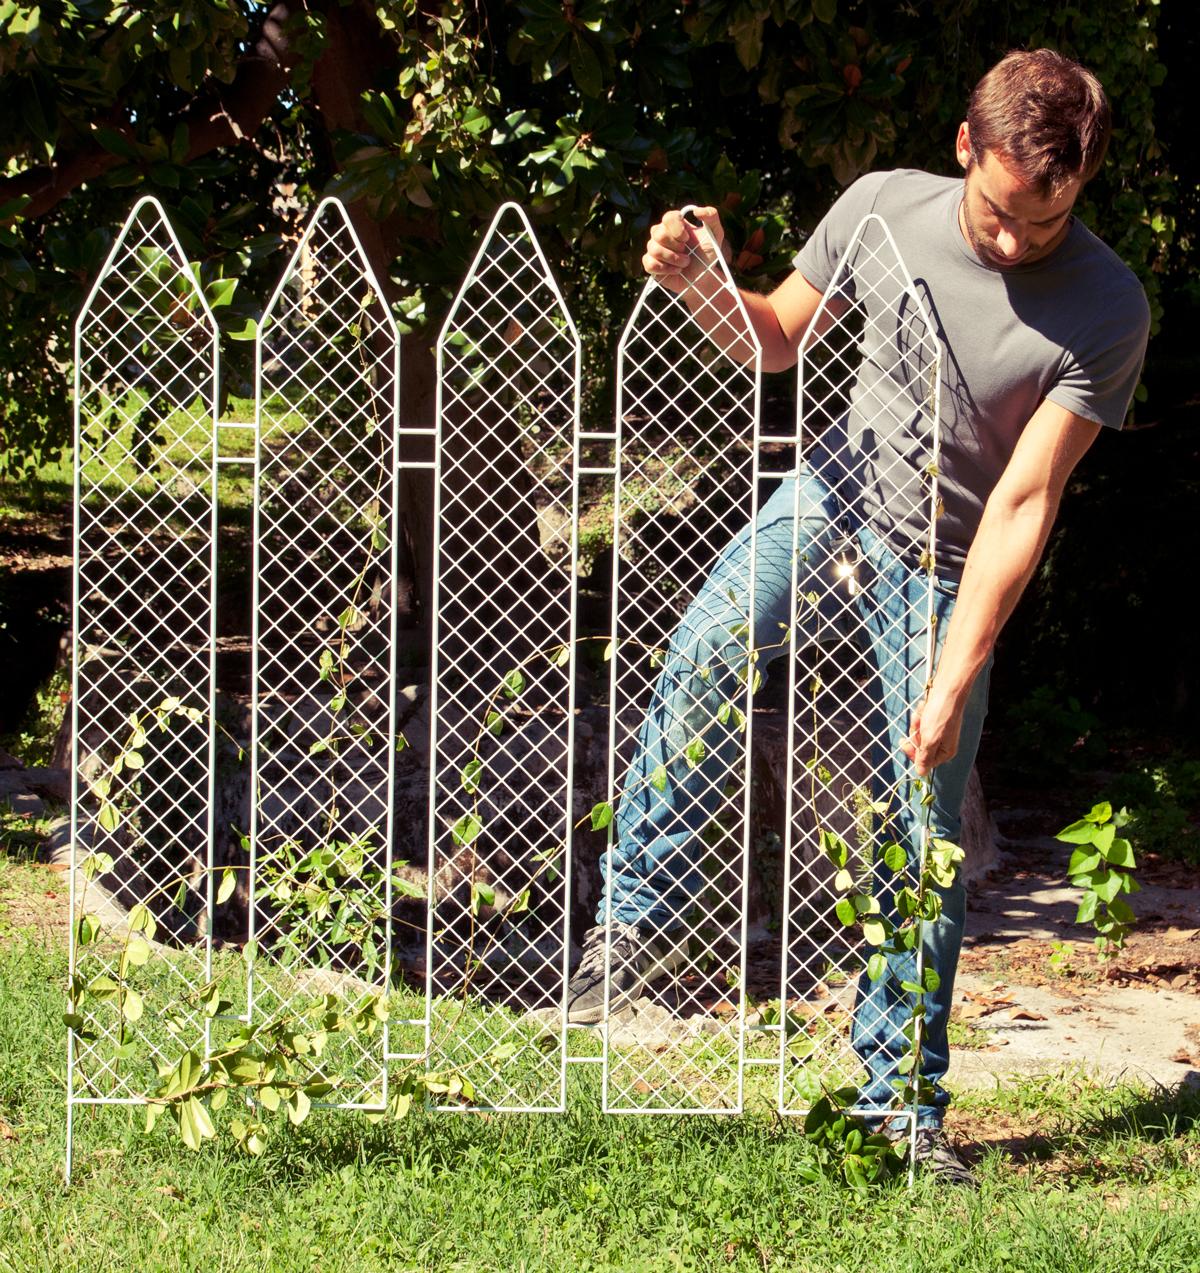 Plantera ditt staket? ‹ Dansk inredning och design